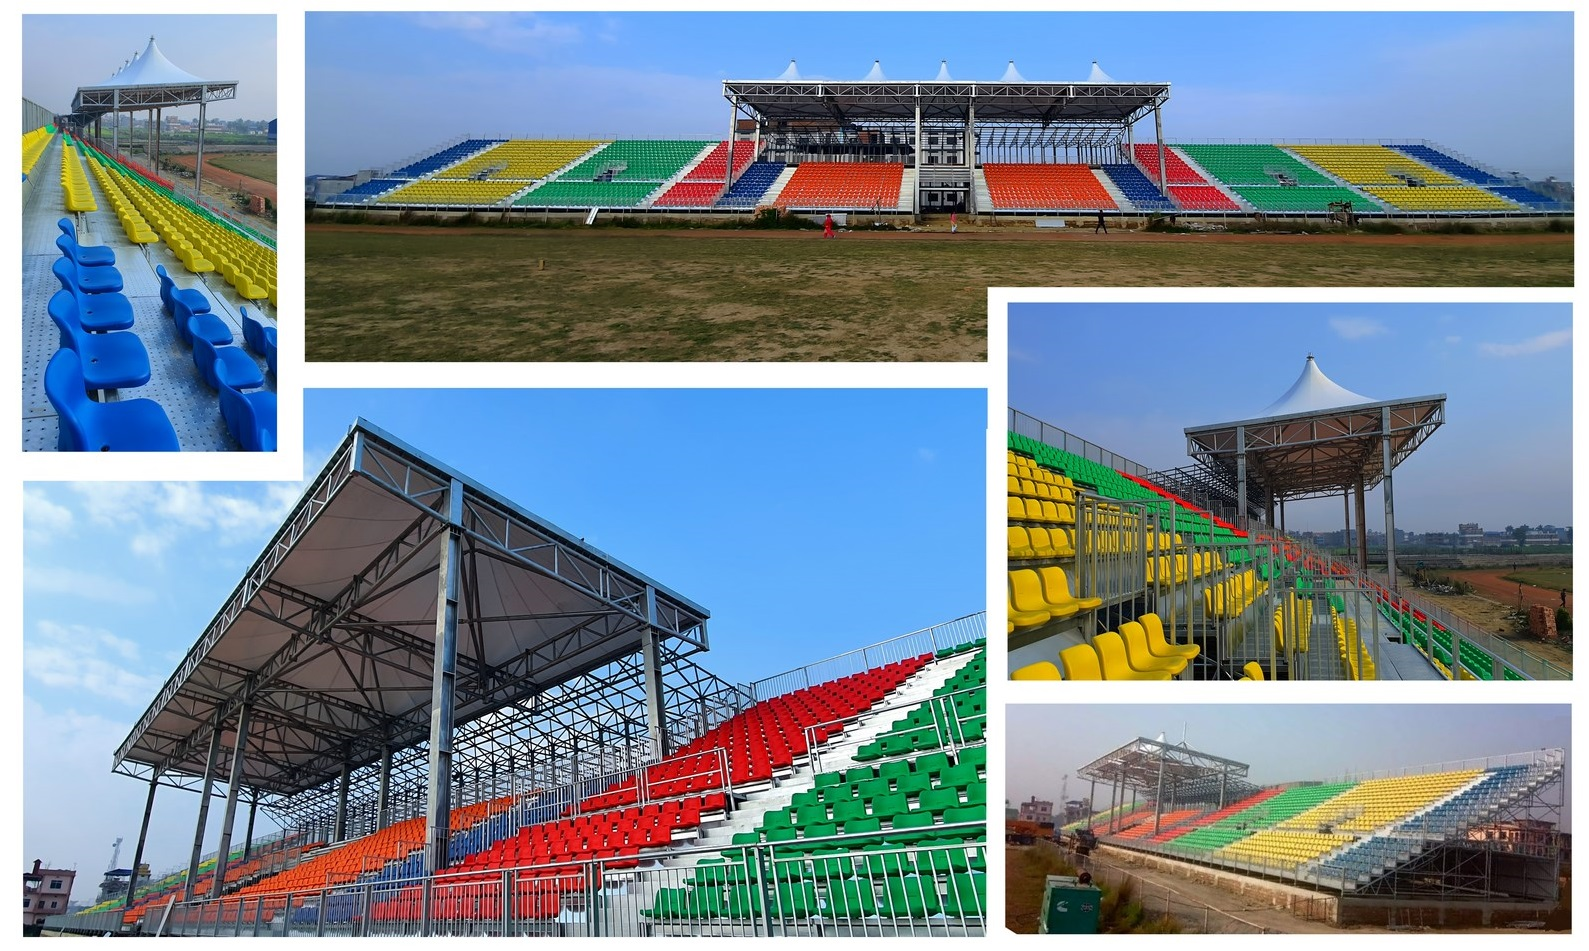 Nepal Itahari Modular Stadium